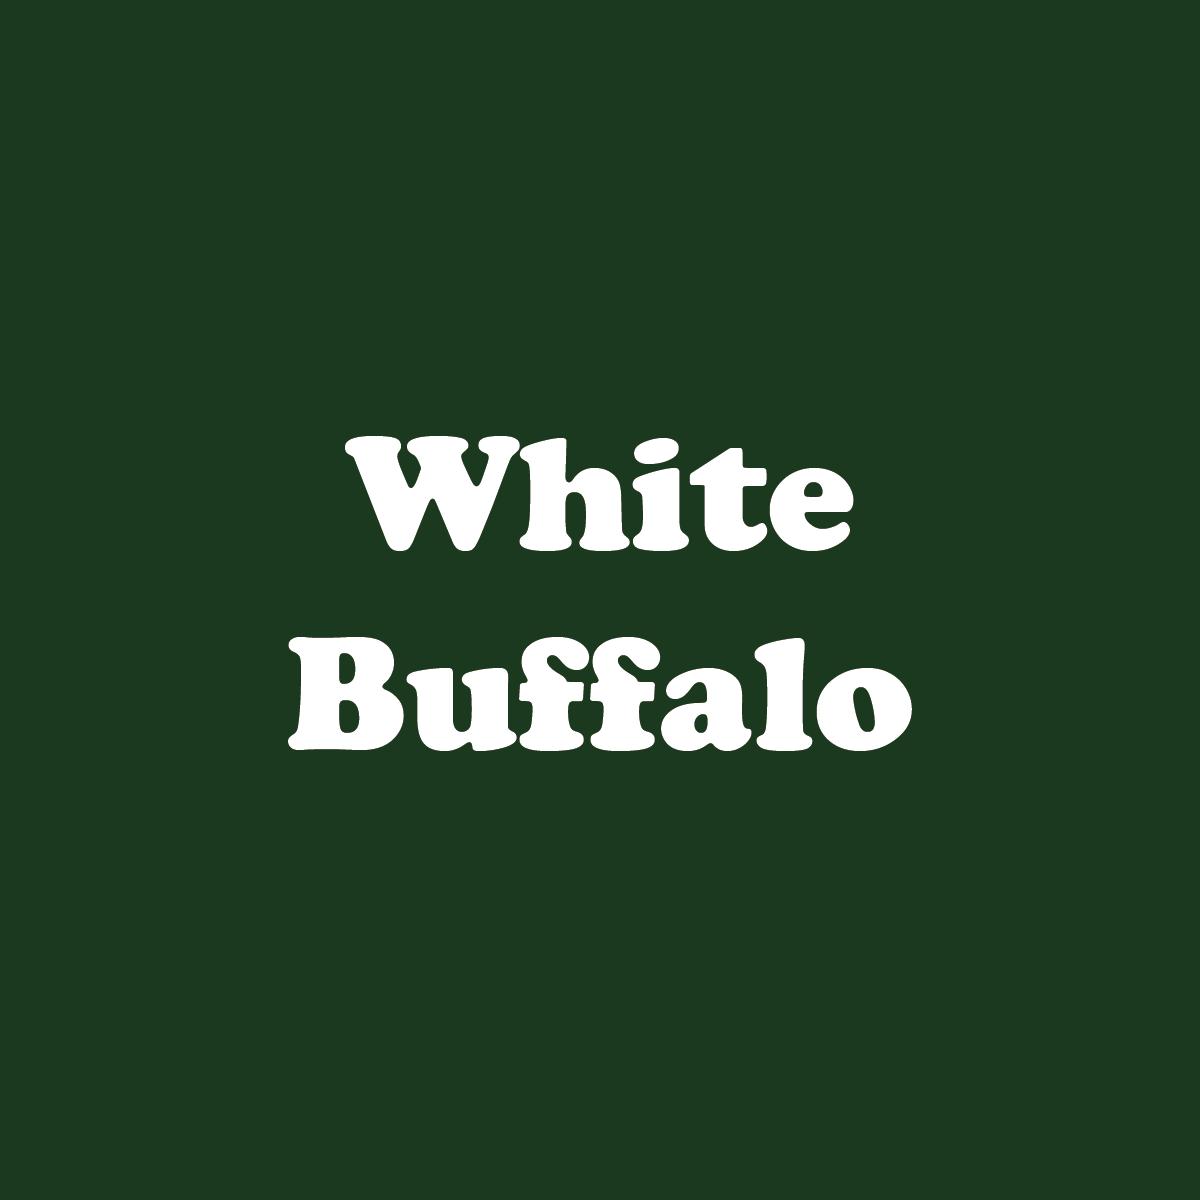 WhiteBuffalo.png